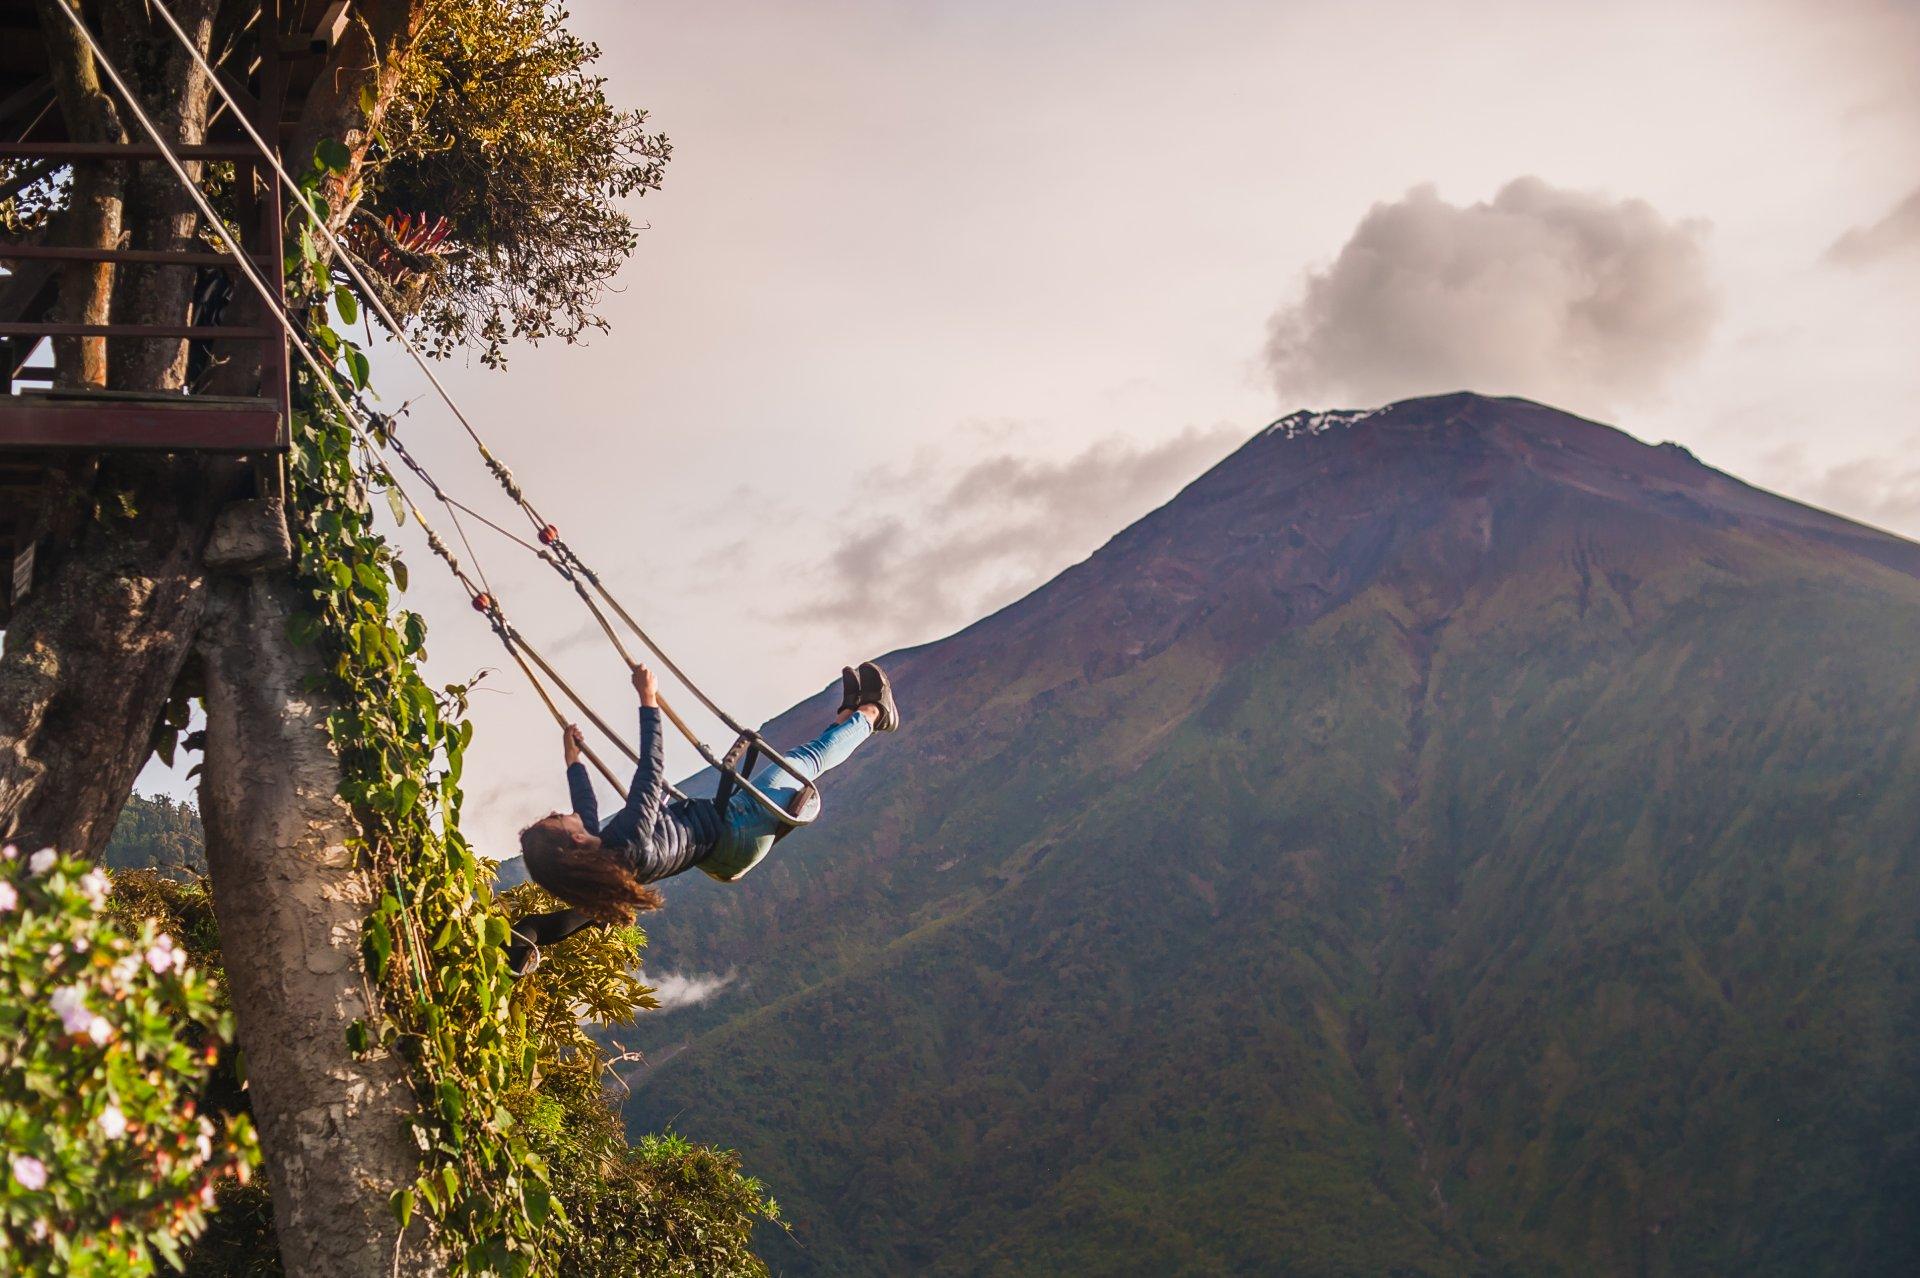 ¿Conocen la Casa Del Árbol y su columpio con vista al volcán Tungurahua? 🌋